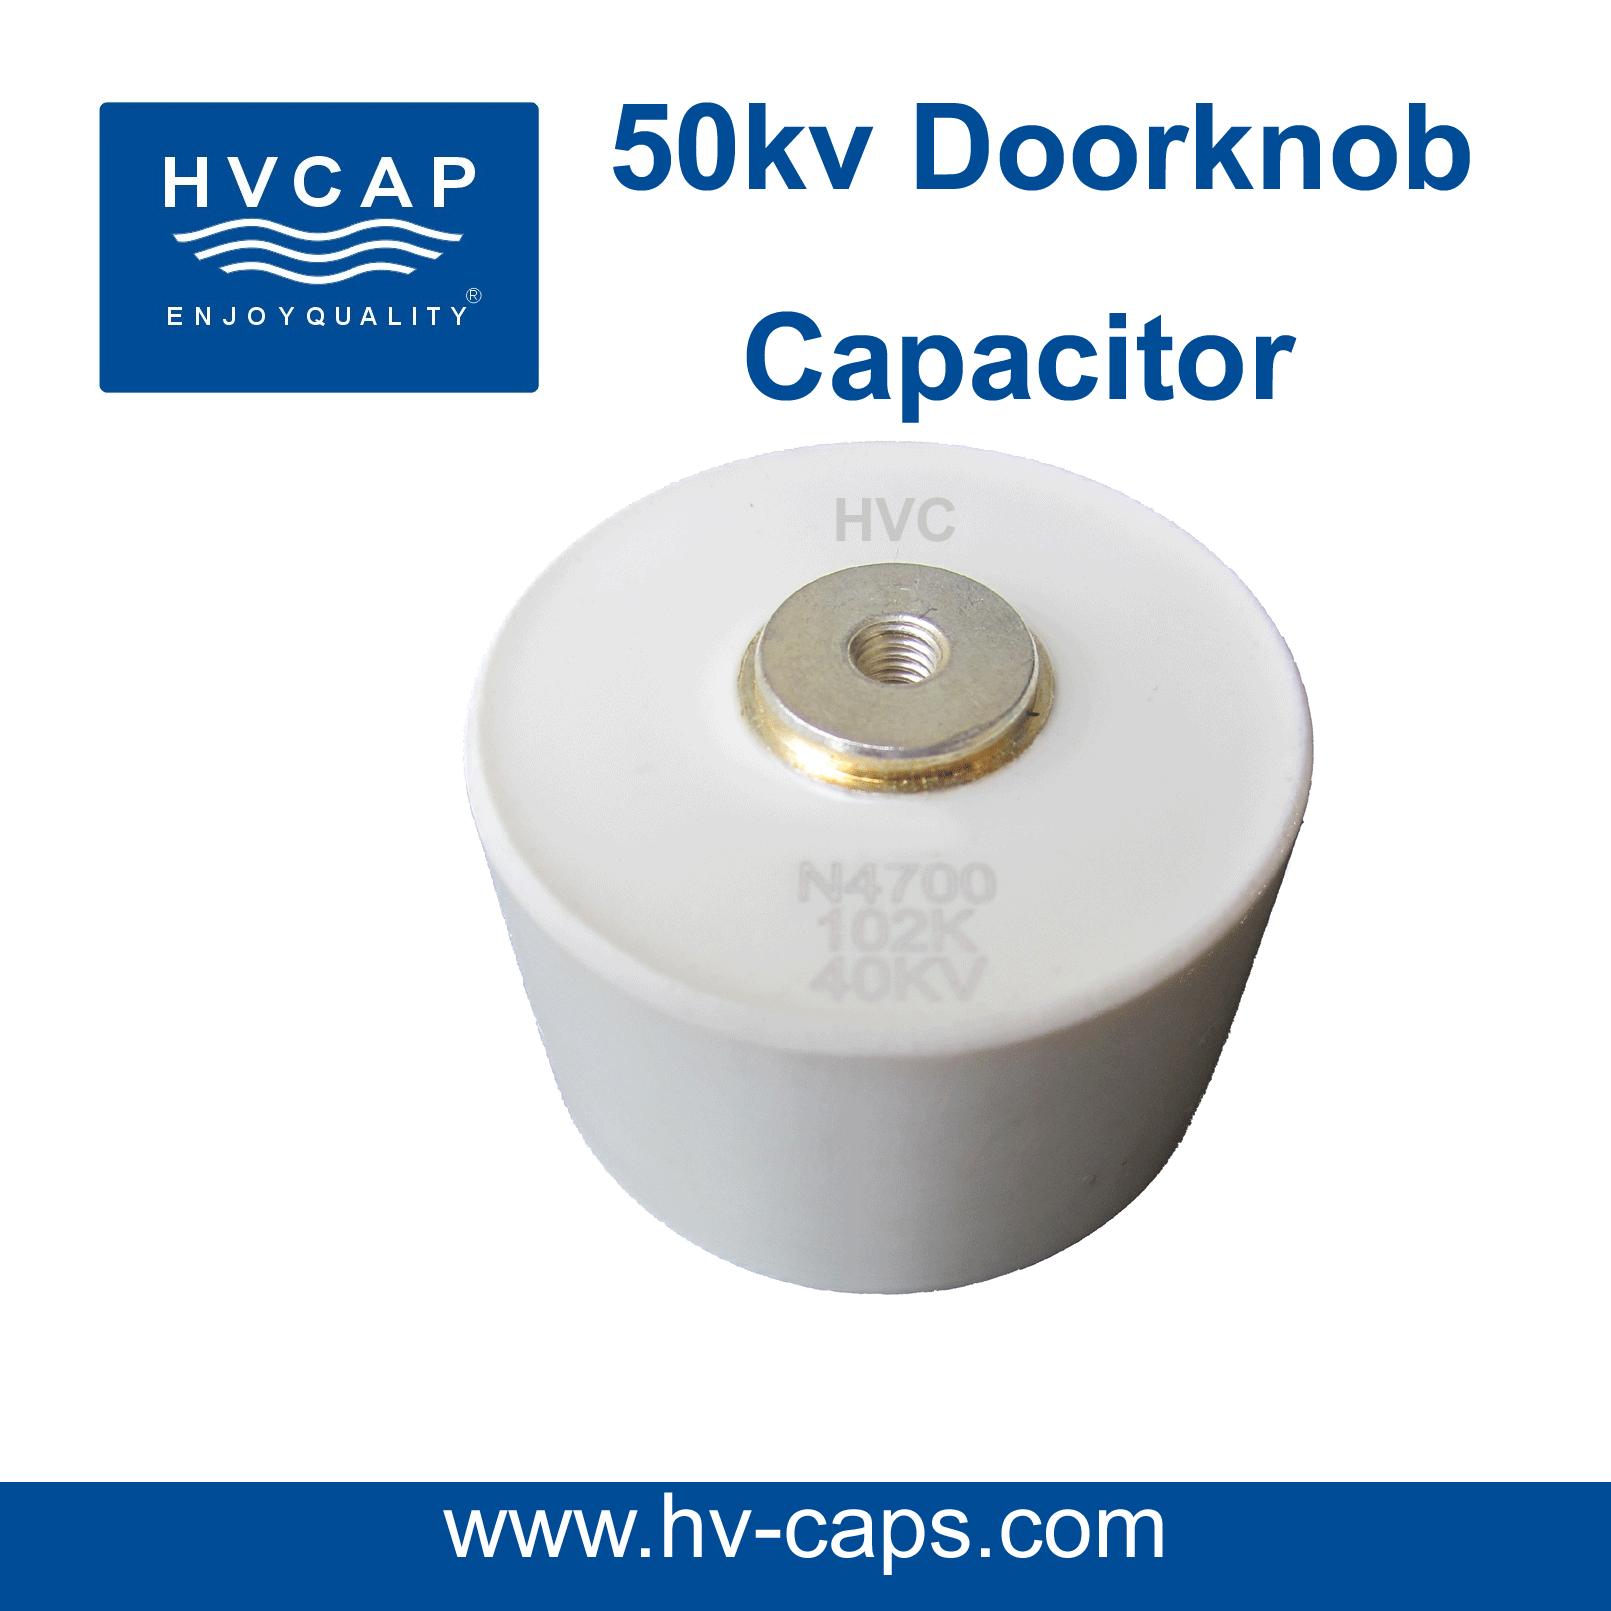 উচ্চ ভোল্টেজ সিরামিক Doorknob ক্যাপাসিটরের 50kv স্পেসিফিকেশন।